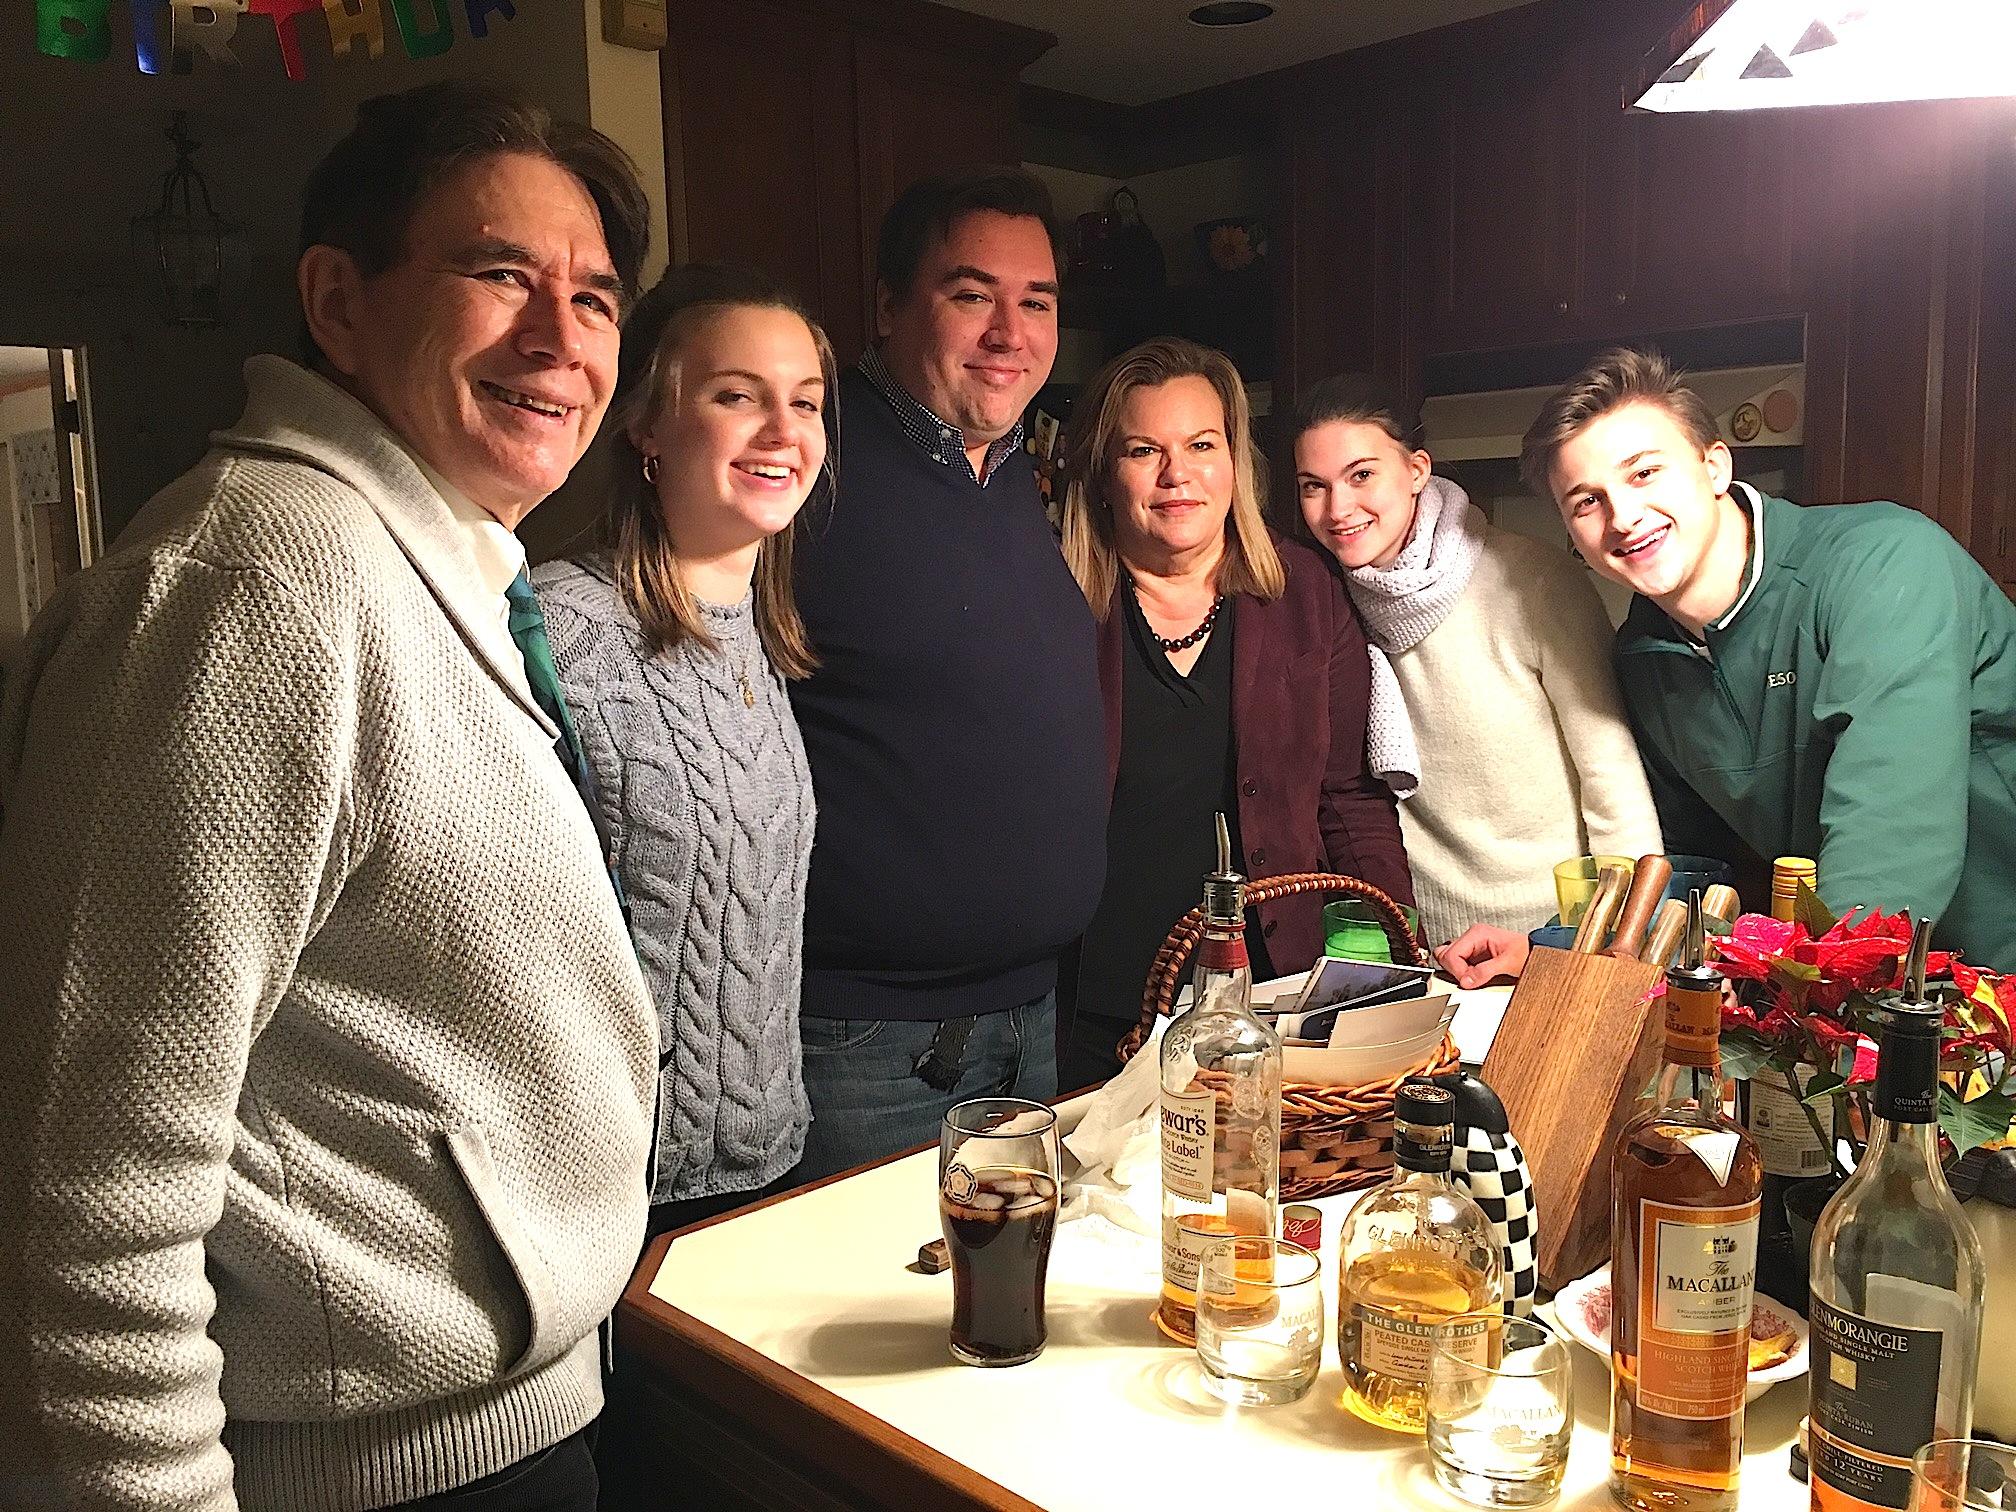 John, Kate, Greg, Celeste, Ellie, & Jack.